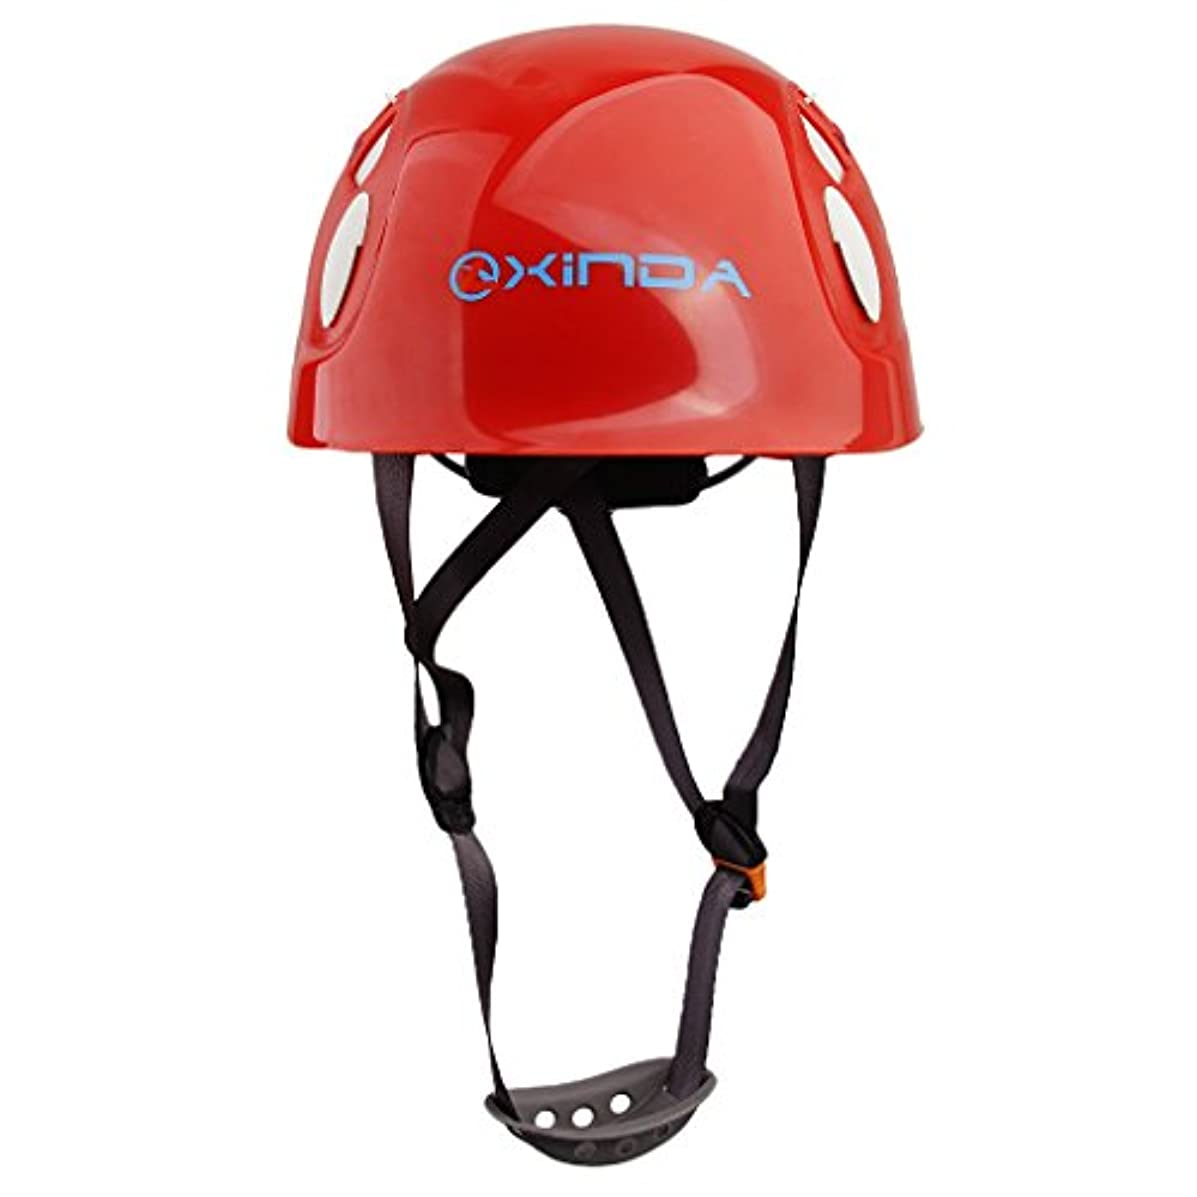 押すピニオン初心者【ノーブランド 品】ヘルメット 保護 懸垂下降 アウトドア 登山 ヘルメット 安全装置 赤